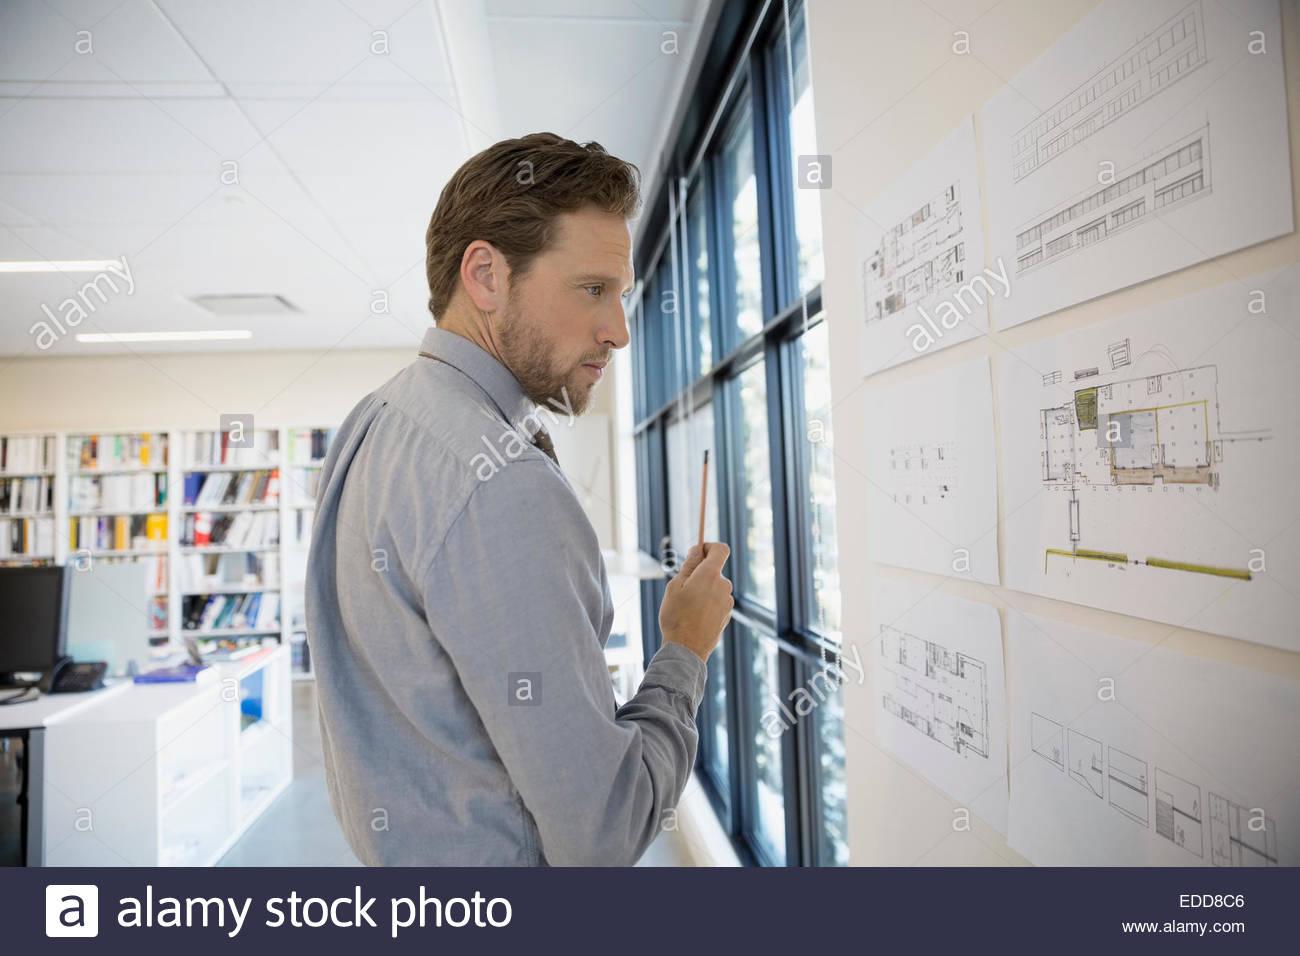 Les plans d'architecte sur le mur Photo Stock